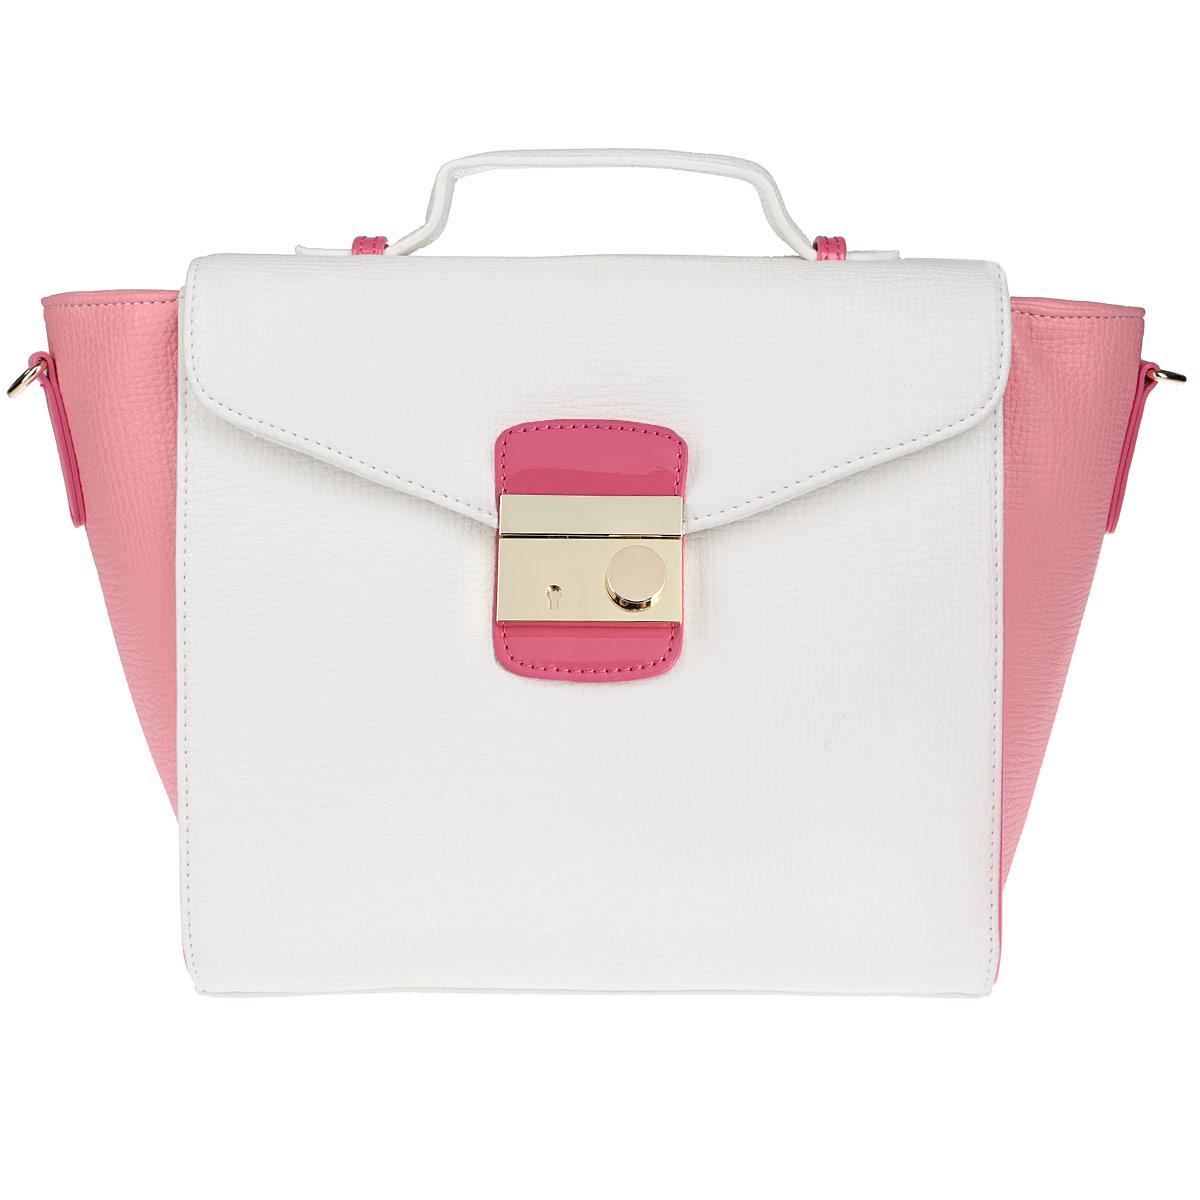 Сумка женская Vitacci, цвет: розовый, белый. V0779V0779Изысканная женская сумка Vitacci изготовлена из эко кожи. Изделие закрывается на удобную застежку-молнию и дополнительно клапаном на застежку. Внутри - одно вместительное отделение, несколько накладных карманчиков для мелочей, телефона, накладной карманчик на застежке-молнии и врезной карманчик на застежке-молнии. Задняя сторона сумки дополнена плоским карманом, закрывающимся сверху небольшим хлястиком на магнитную кнопку. Дно дополнено металлическими ножками, защищающими изделие от повреждений. На клапане - небольшая ручка для удобного ношения сумки в руках. Также модель дополнена съемным плечевым ремнем, регулирующимся по длине. Изделие упаковано в фирменный чехол. Роскошная сумка внесет элегантные нотки в ваш образ и подчеркнет ваше отменное чувство стиля.